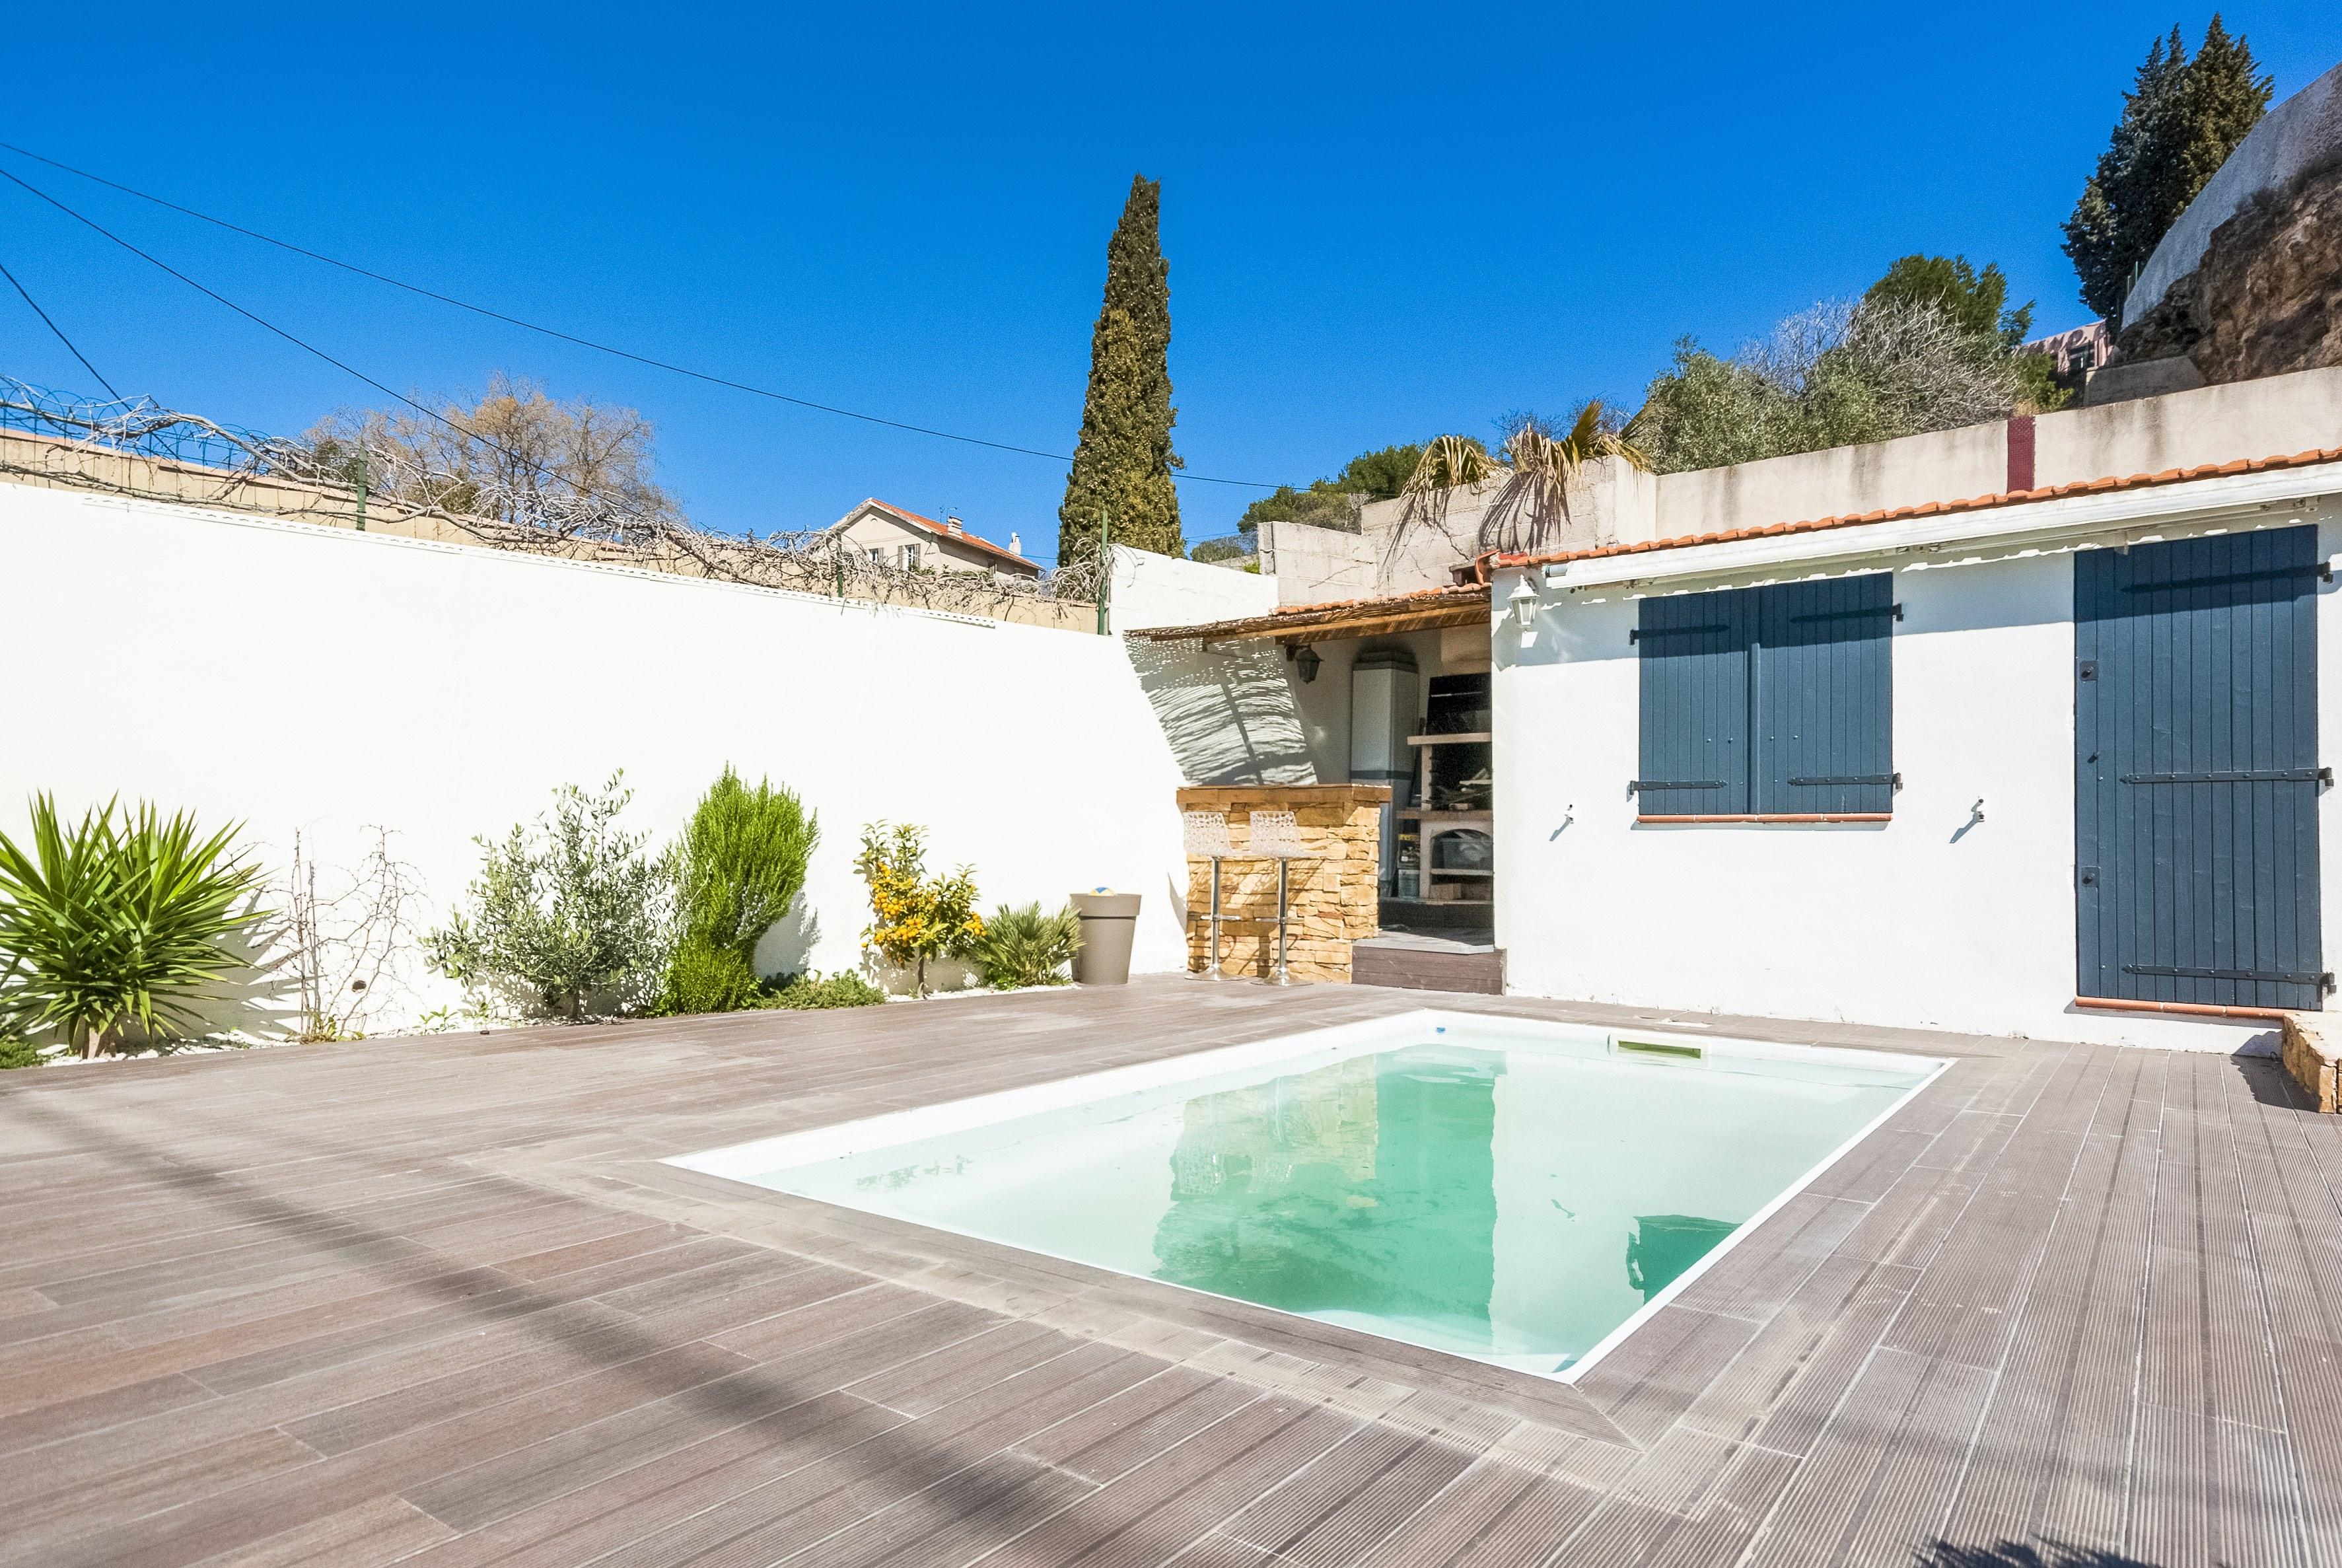 Architecte Paysagiste Aix En Provence amÉnagement par paysagiste dplg sur aix en provence